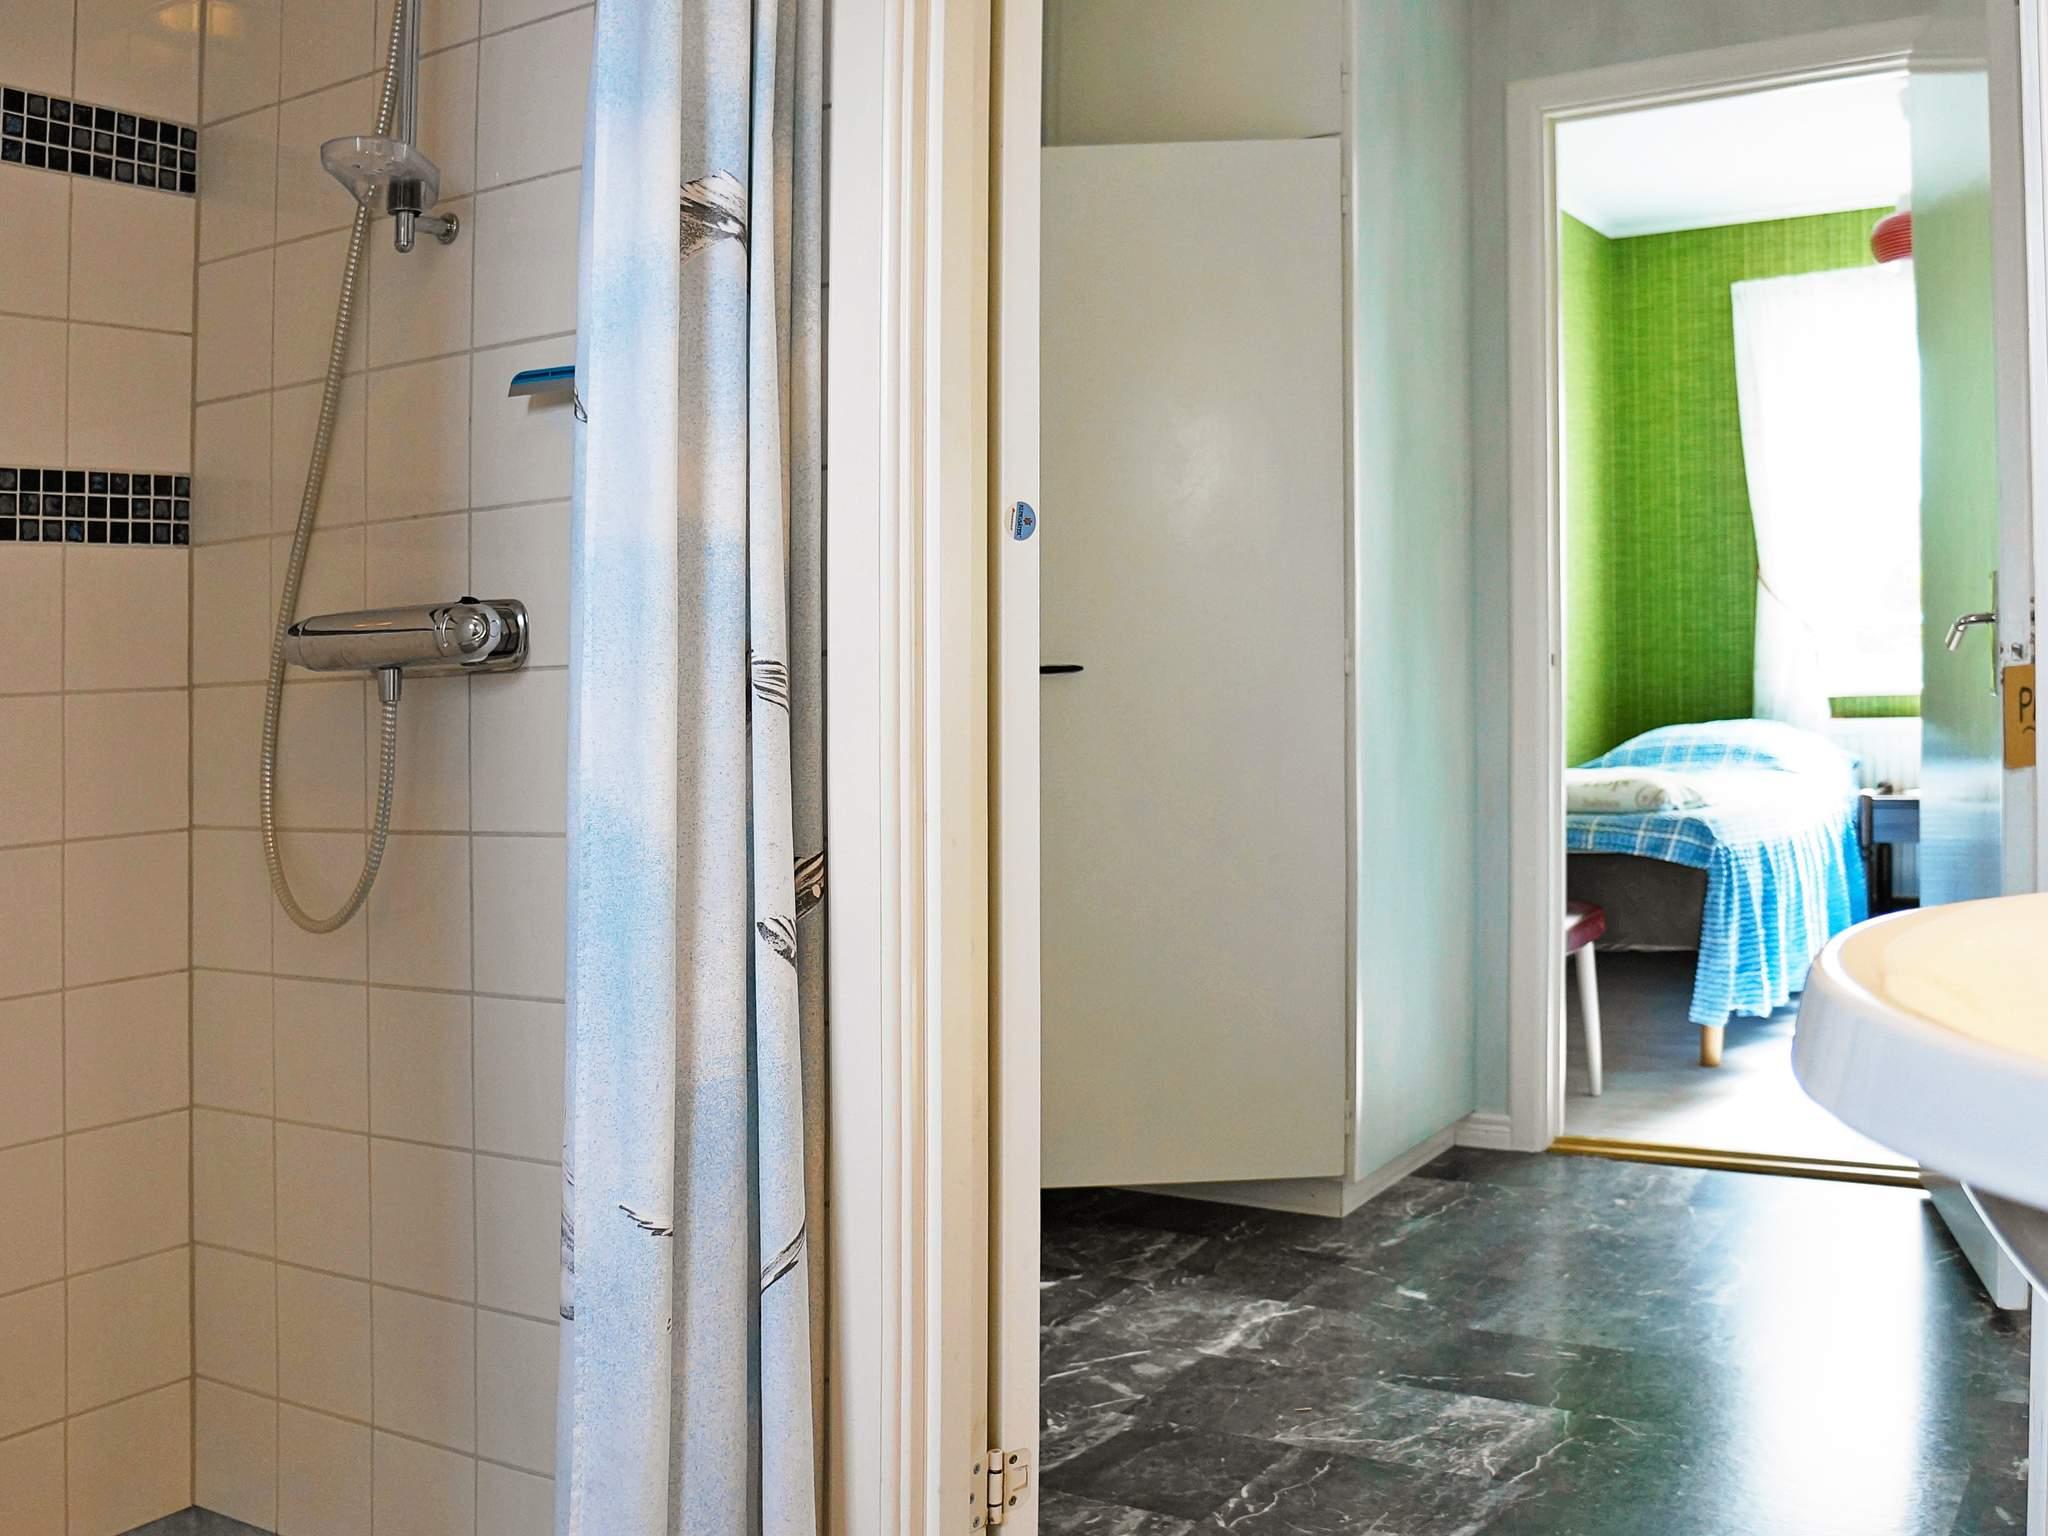 Ferienhaus Tjörn/Skärhamn (1625444), Skärhamn, Tjörn, Westschweden, Schweden, Bild 8